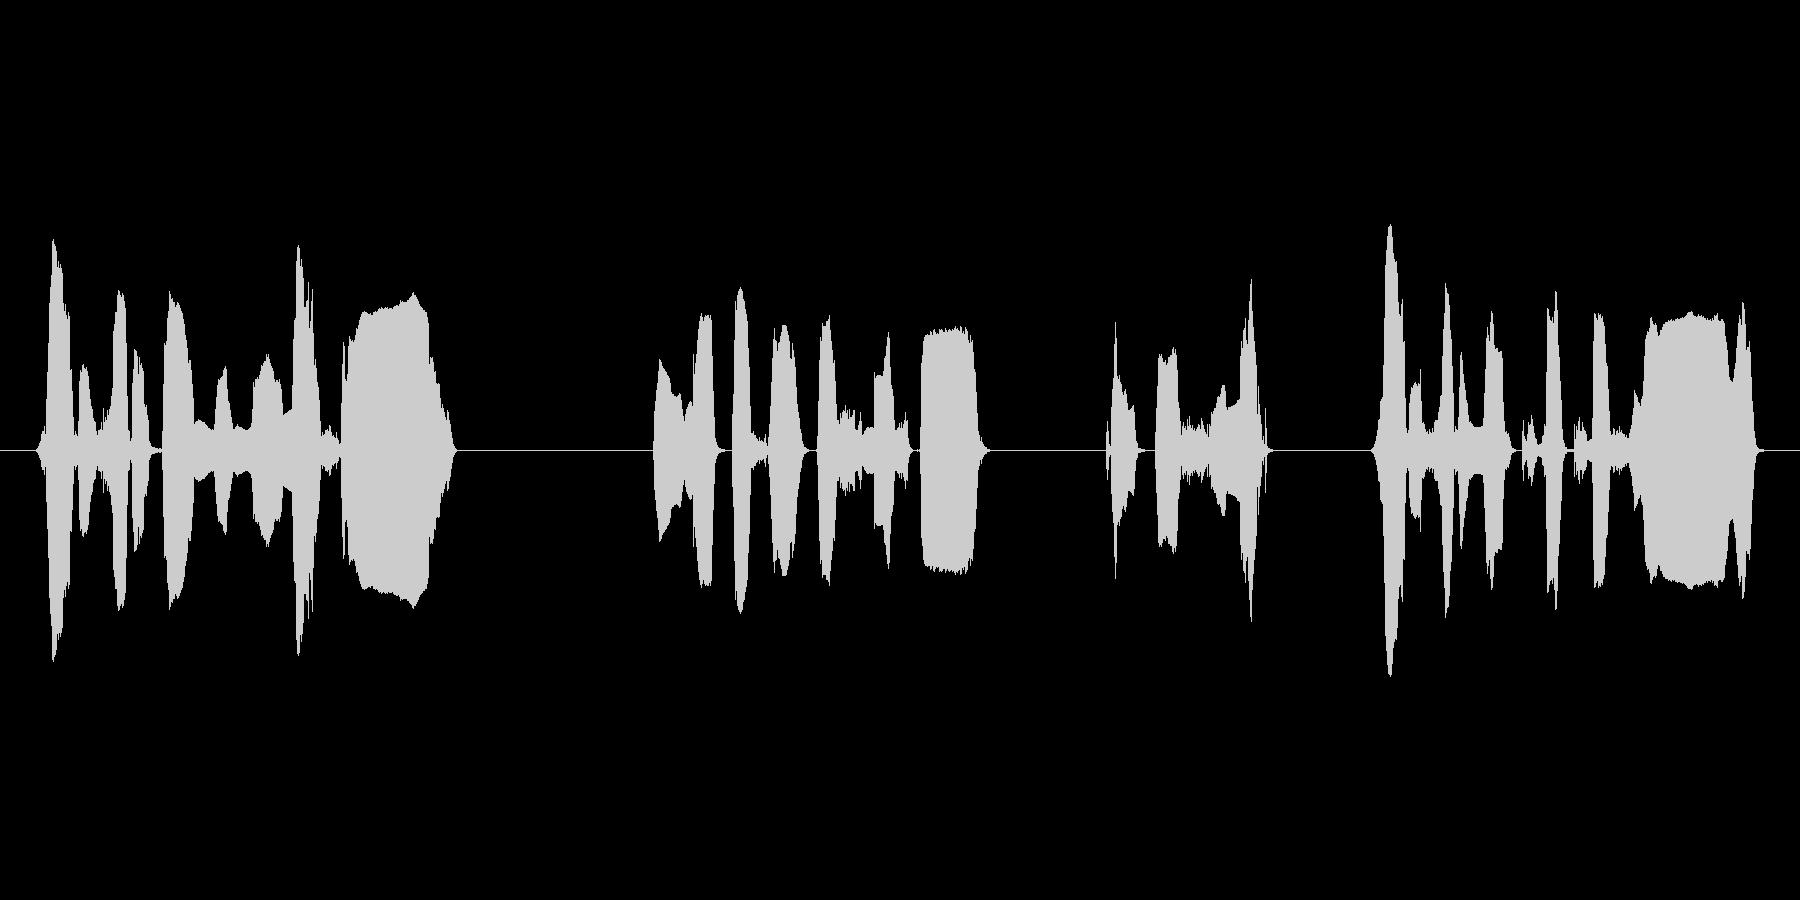 ハロハロ風の店内告知アナウンスですの未再生の波形